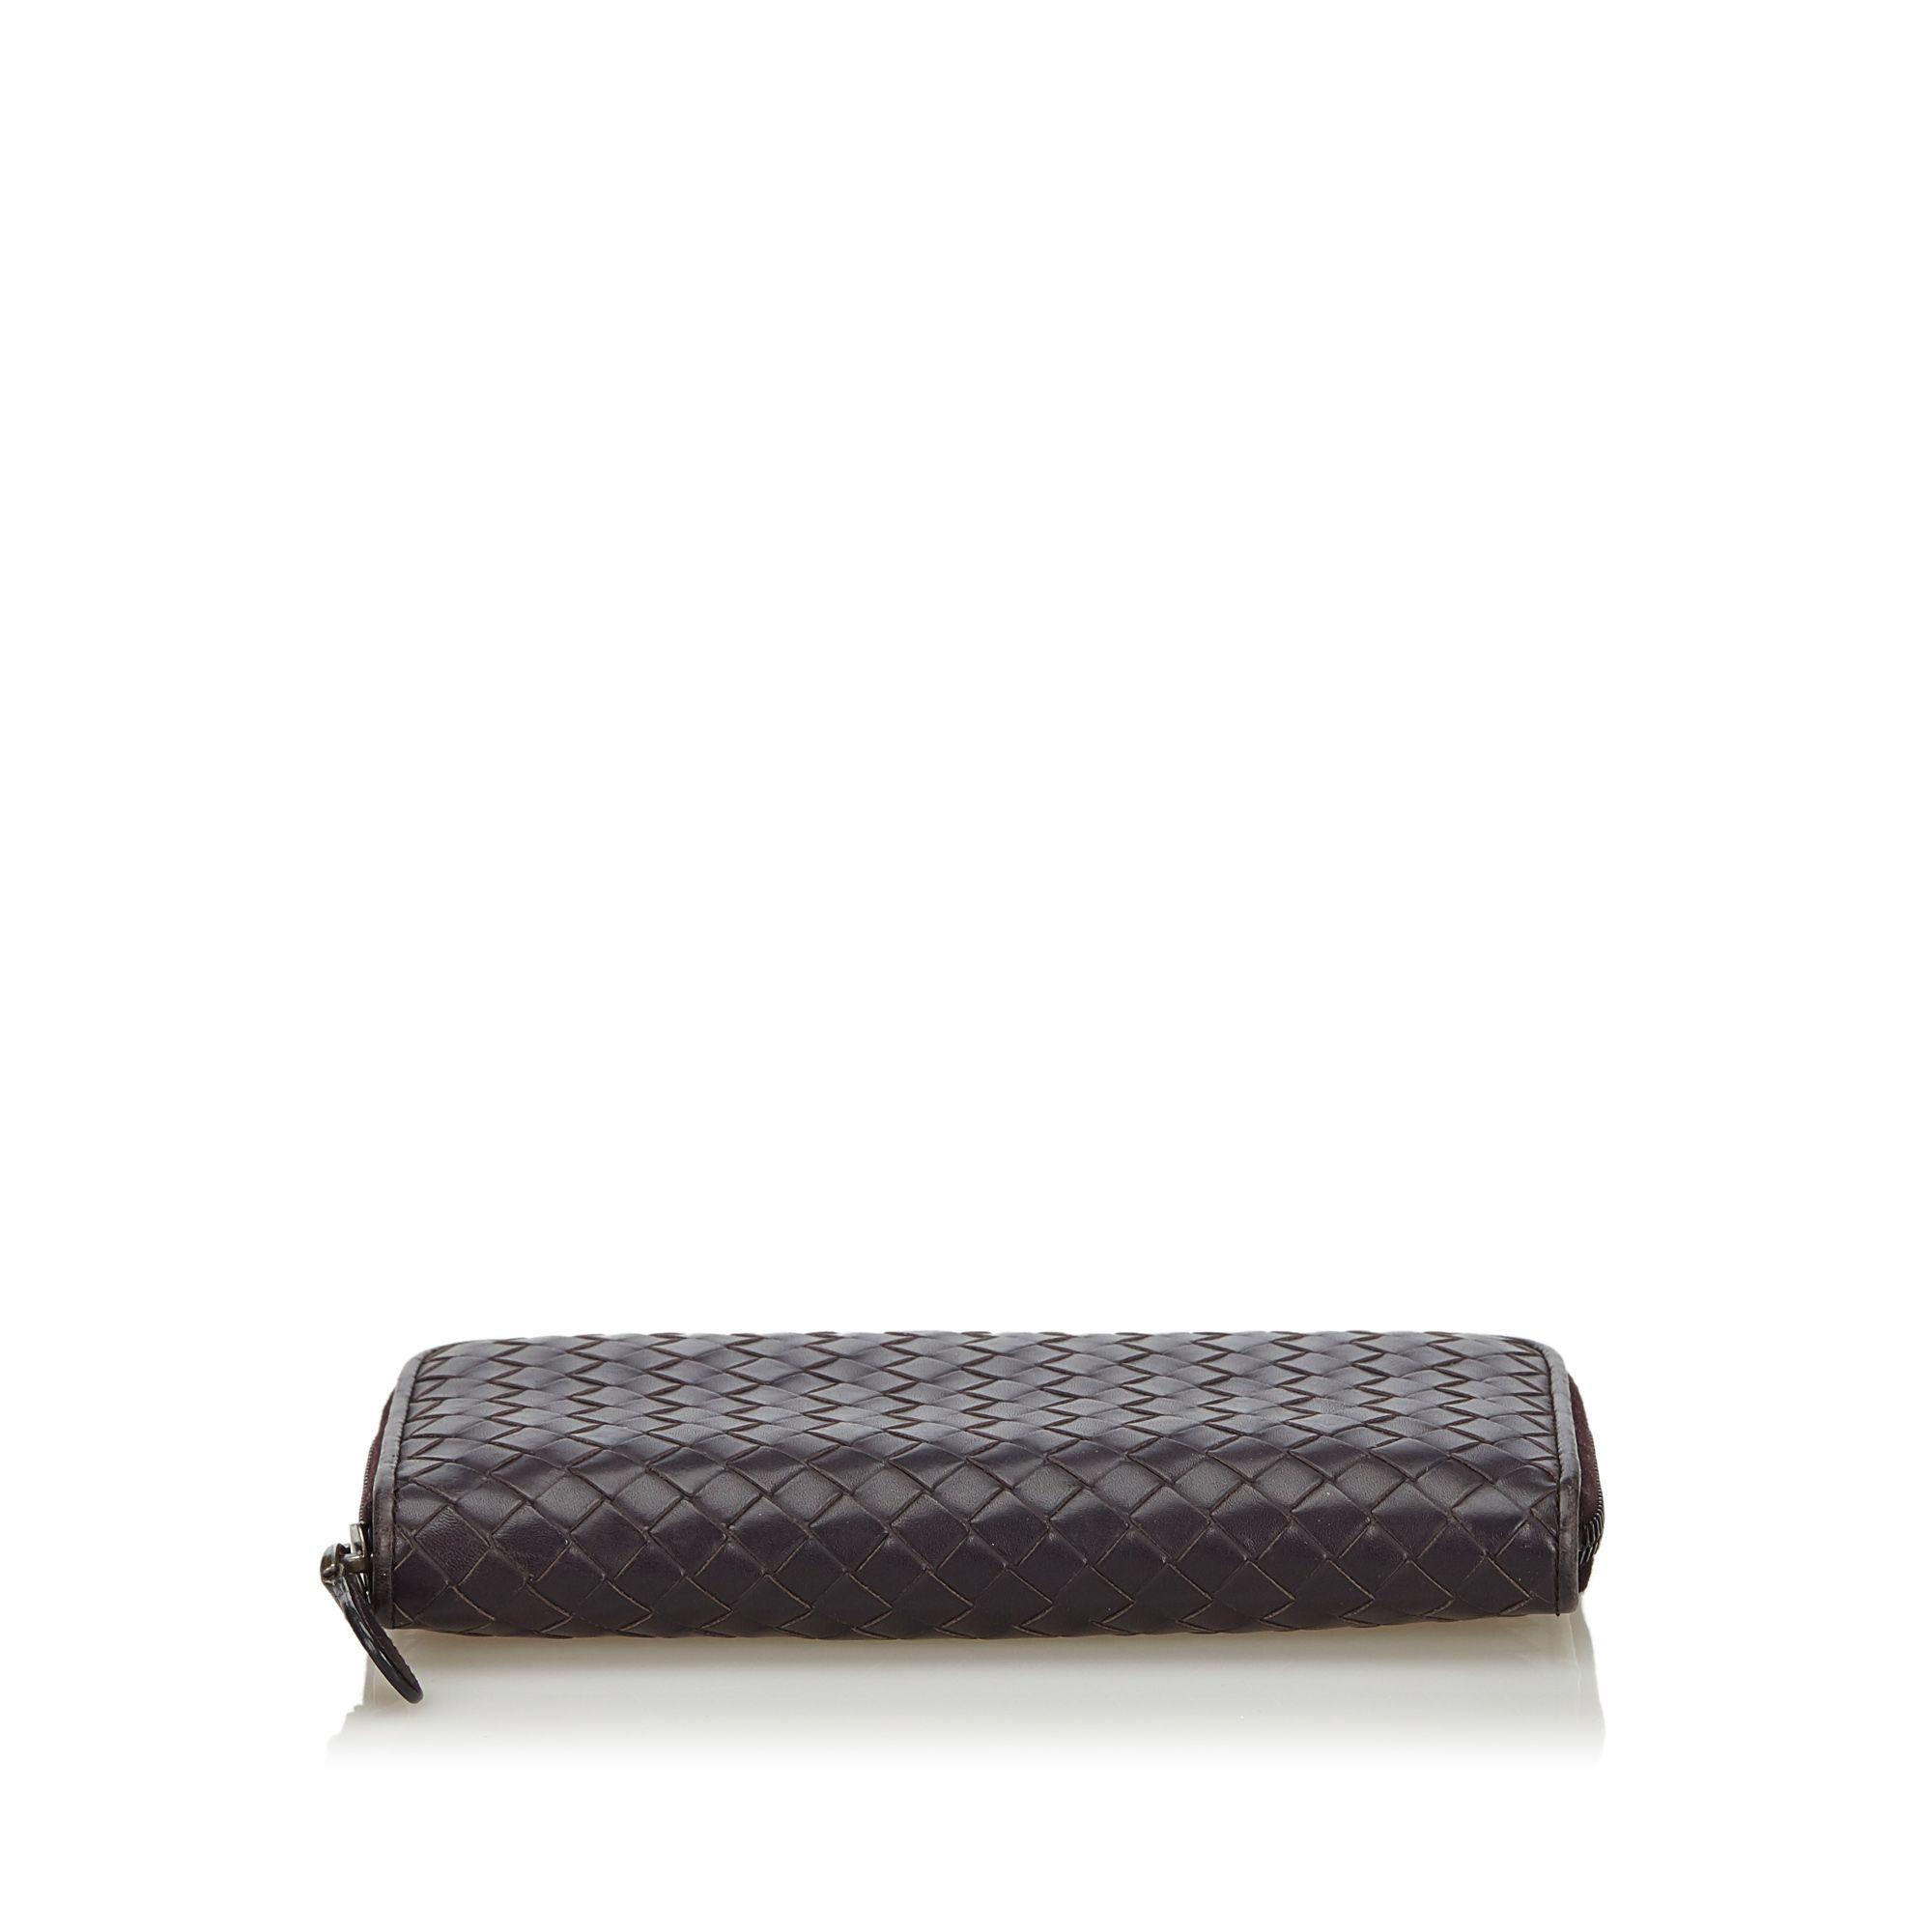 Vintage Bottega Veneta Intrecciato Zip Around Wallet Purple